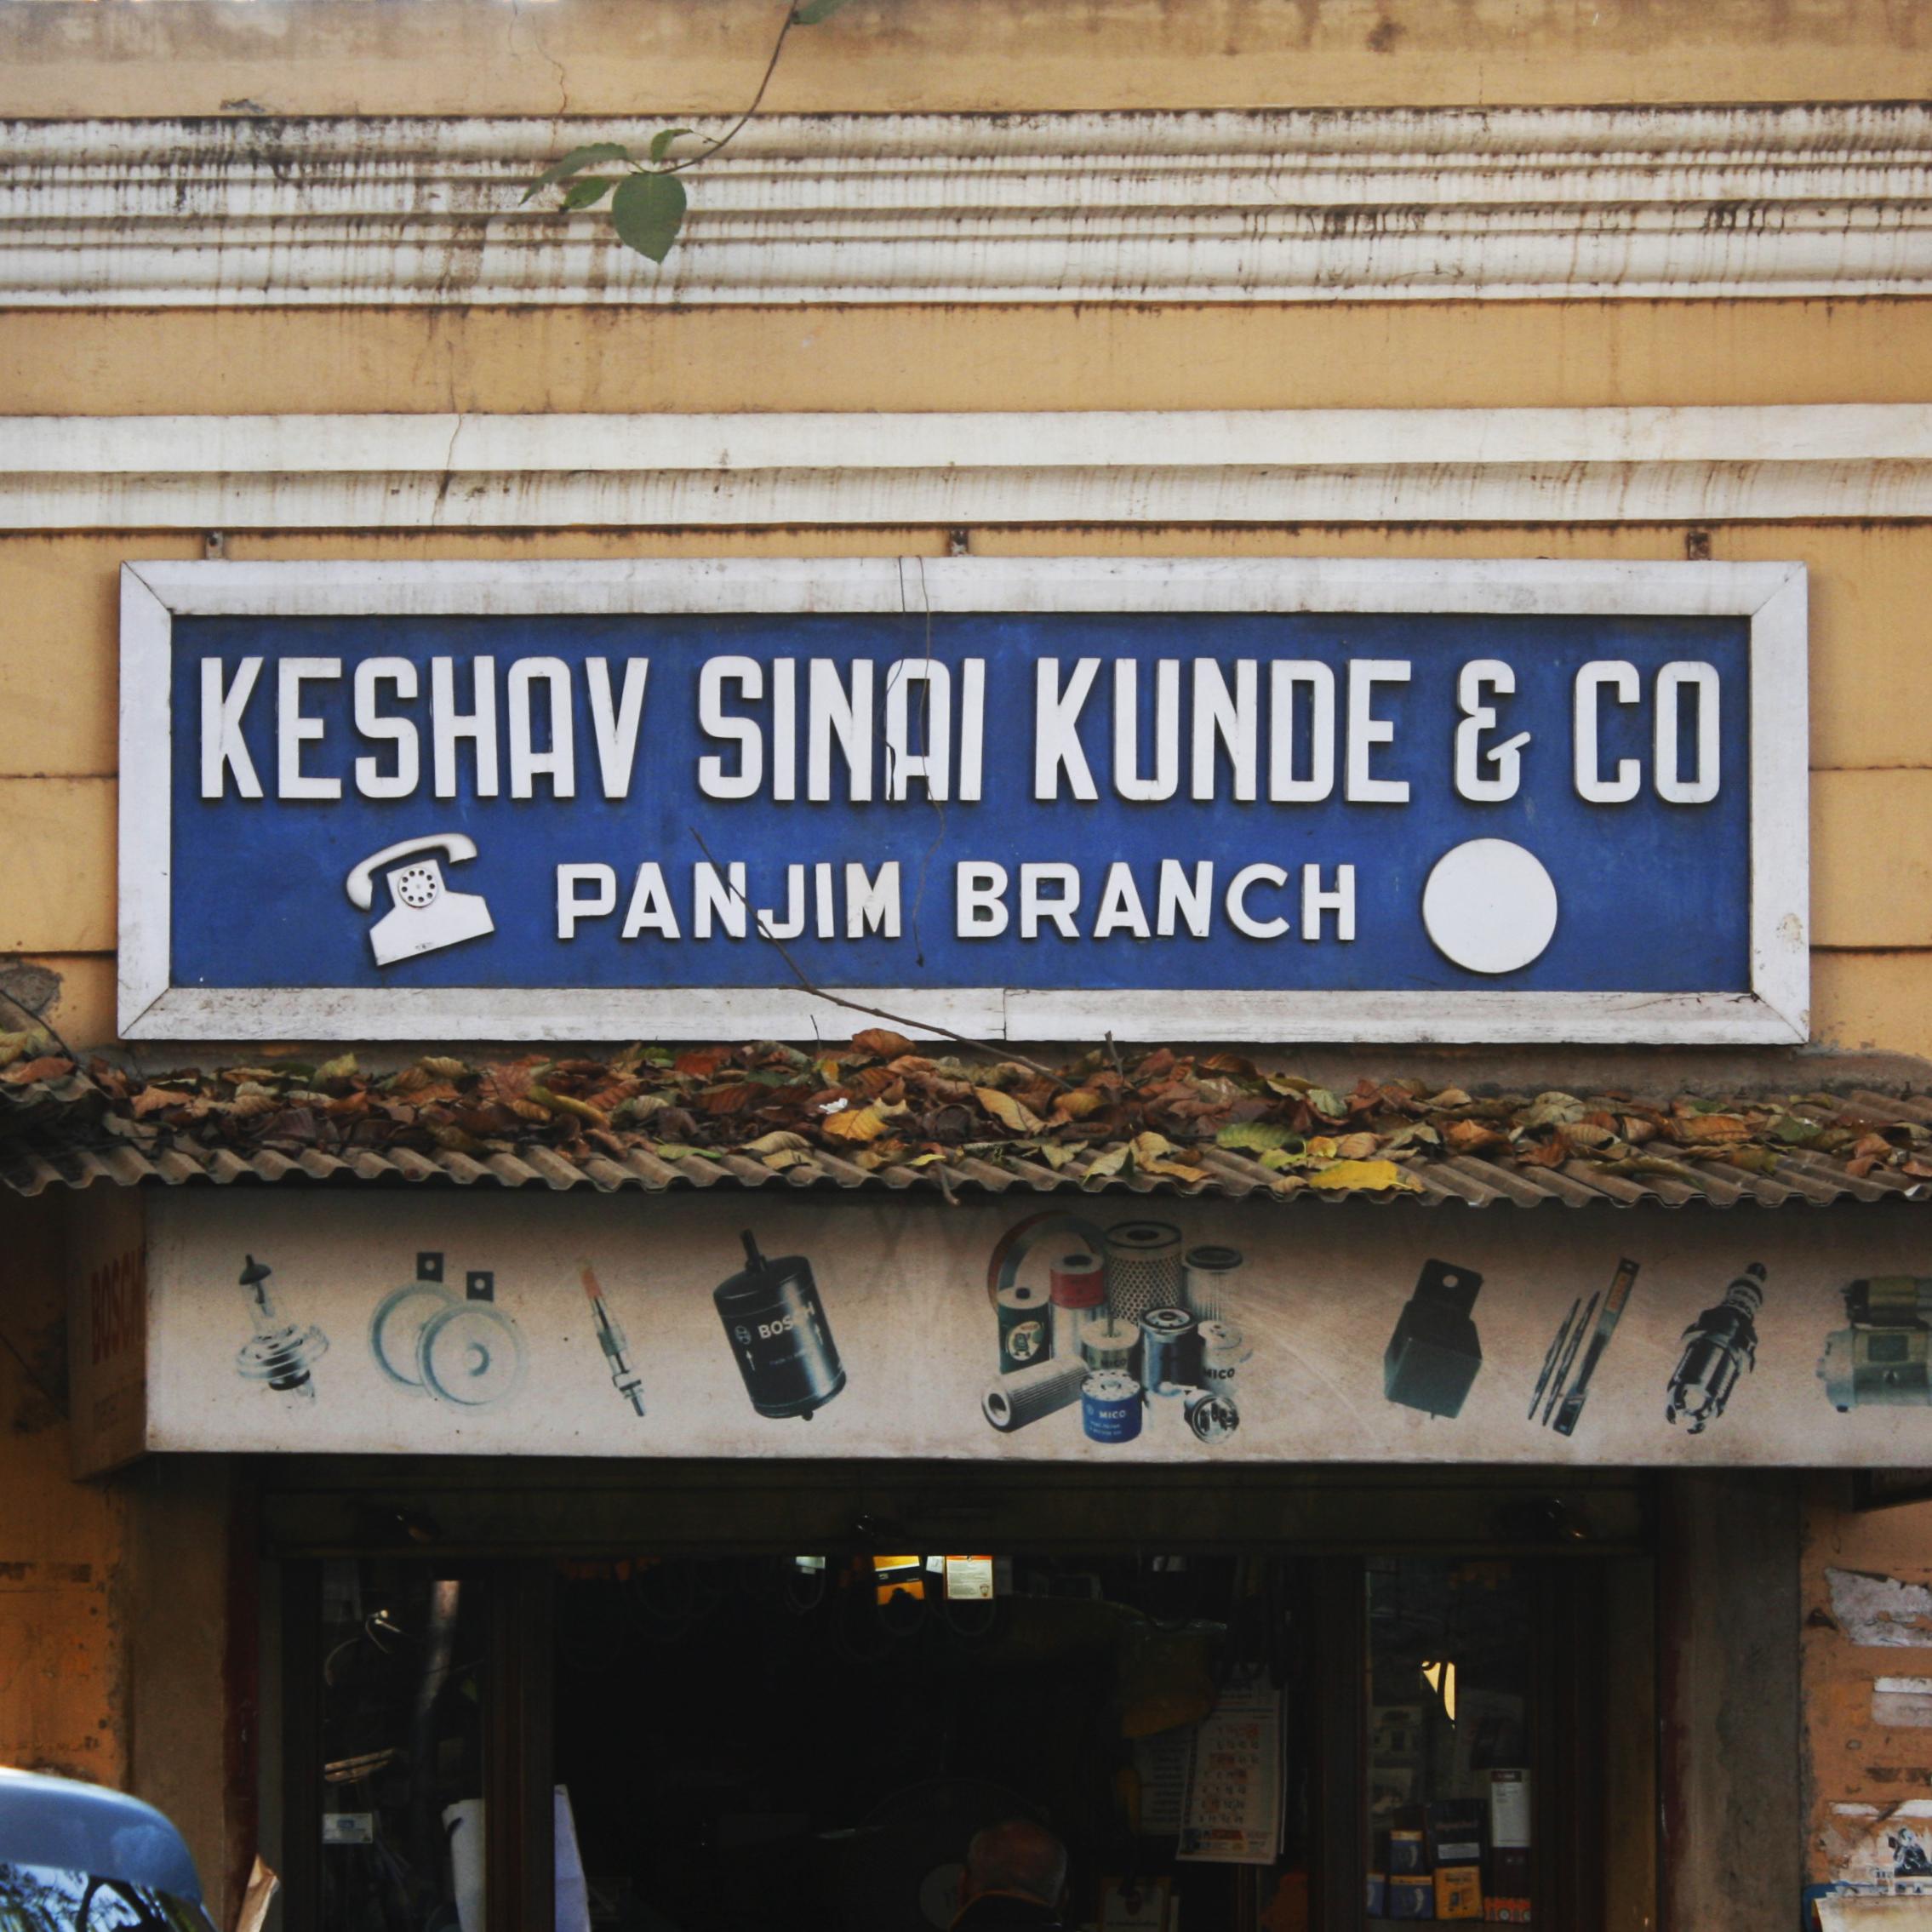 Keshav Sinai Kunde & Co.